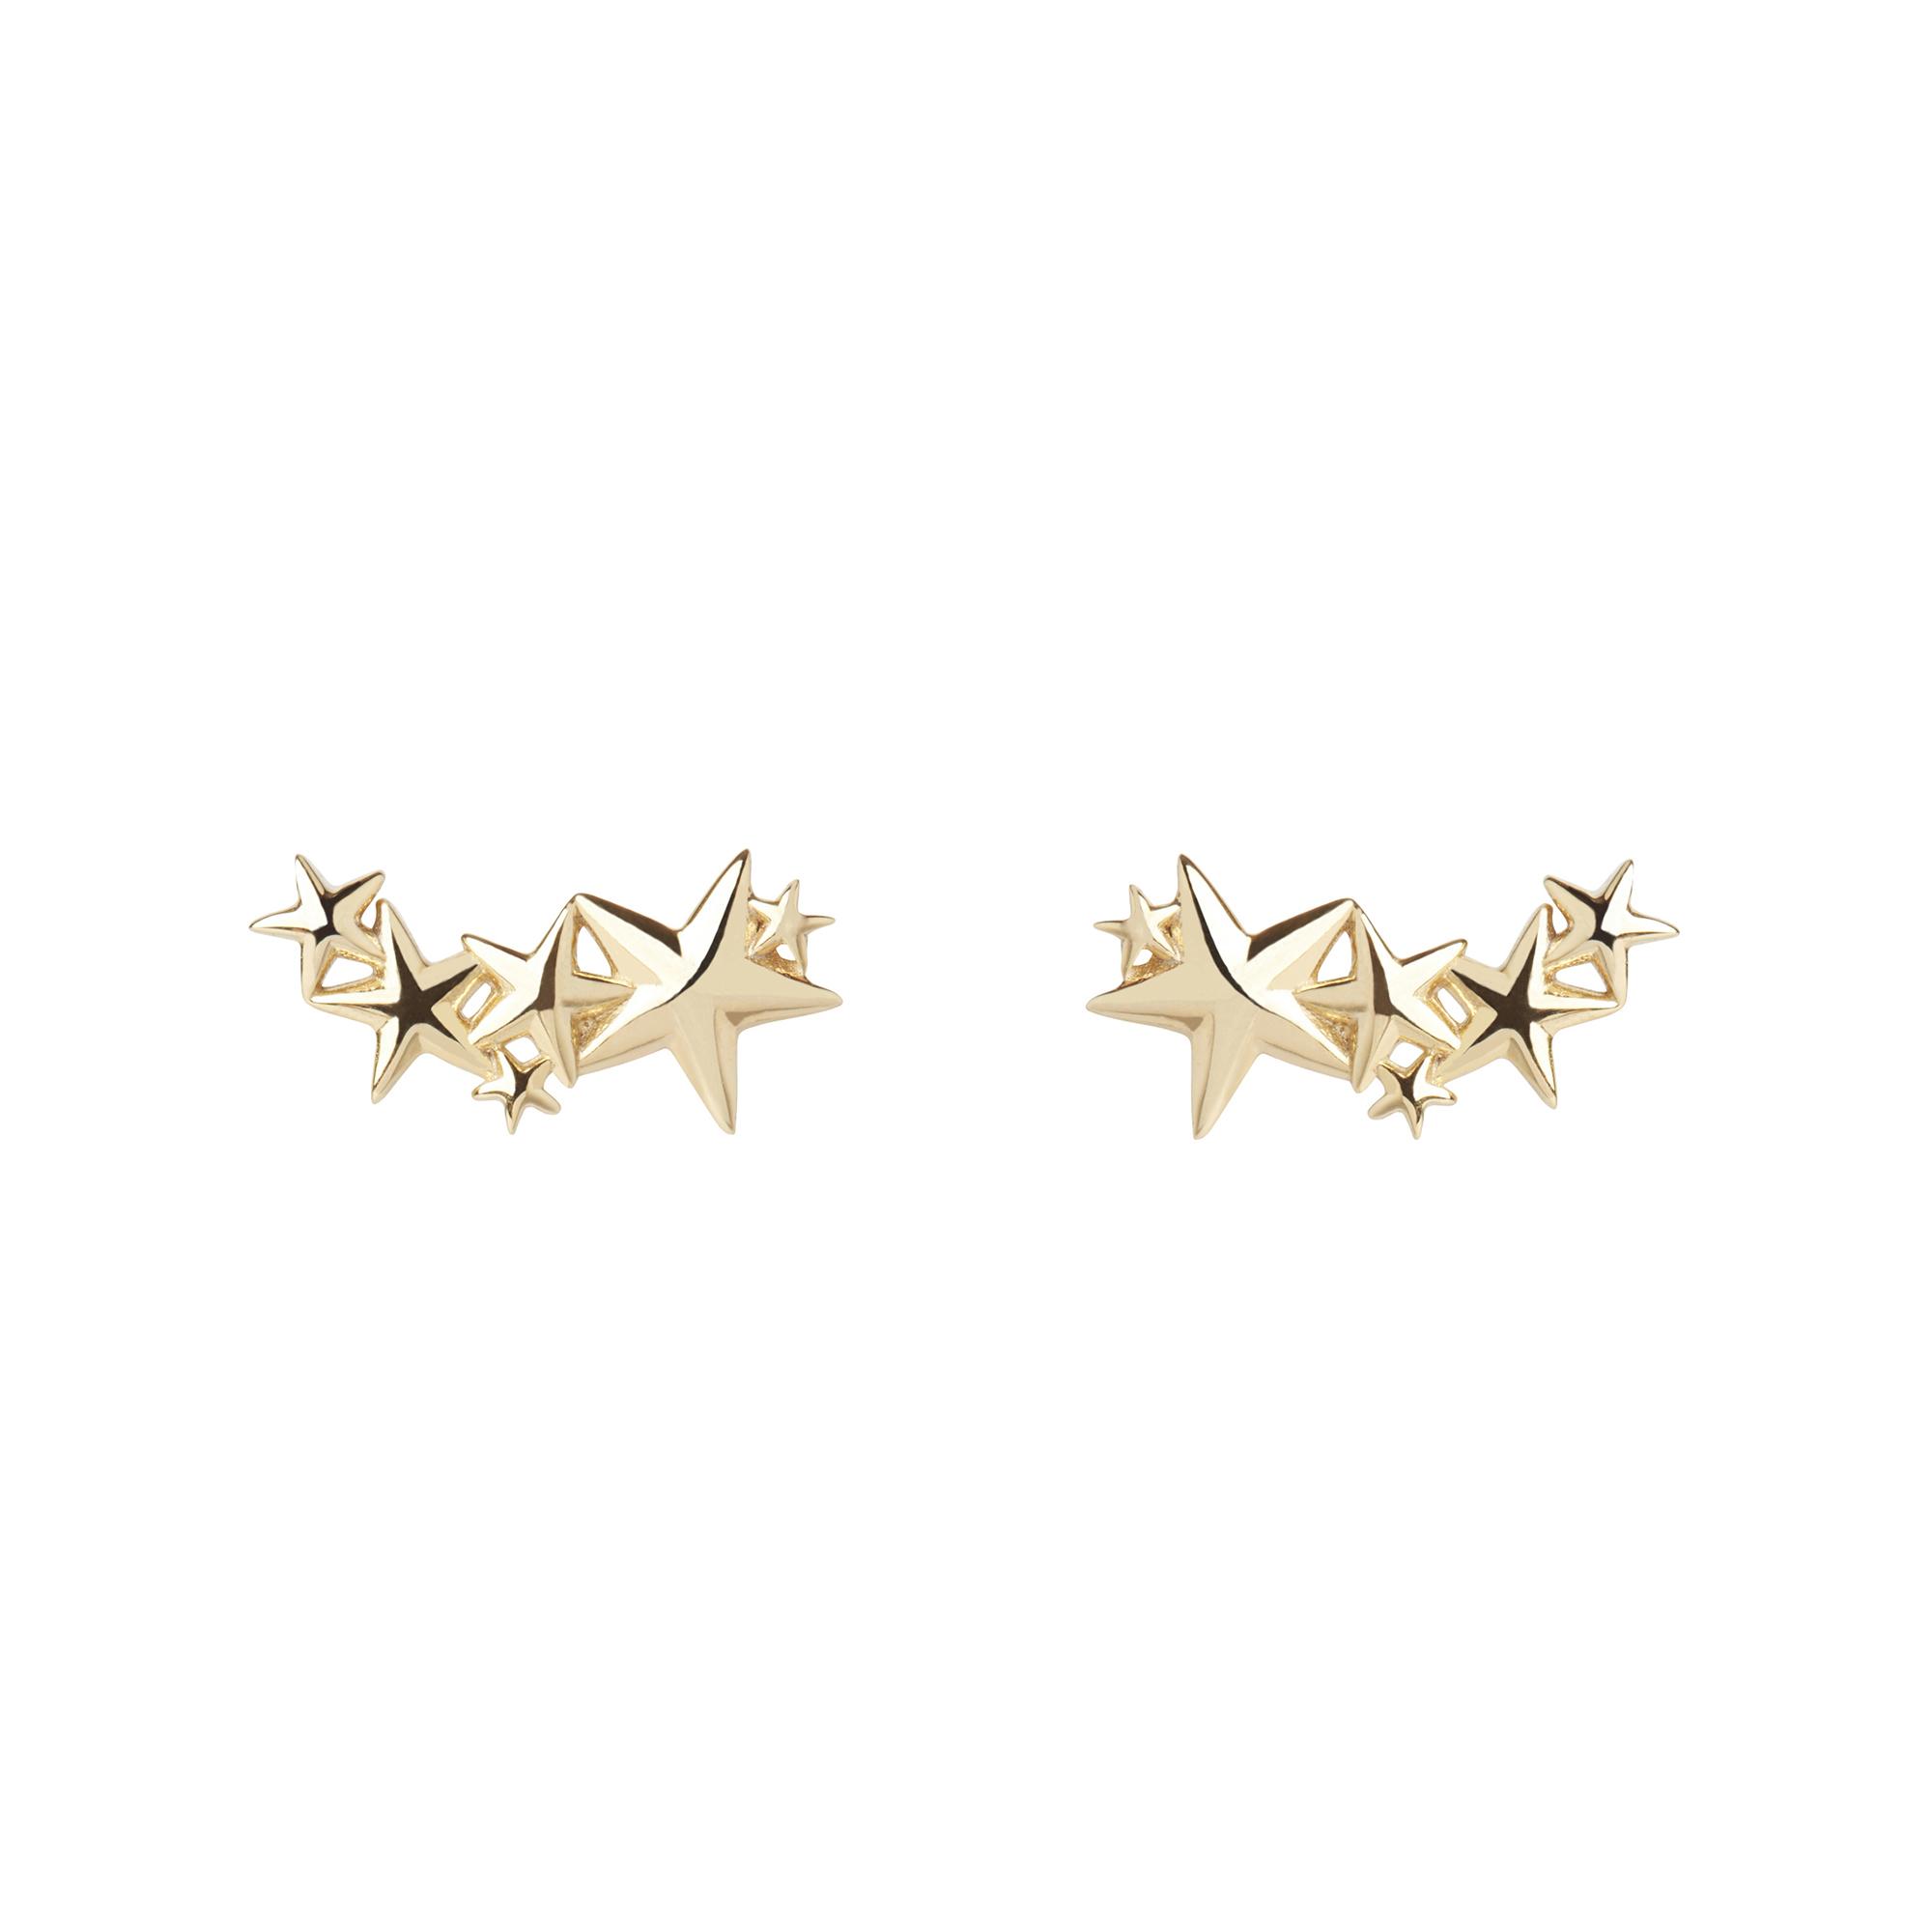 Muru Star Stud Earrings Gold Plated